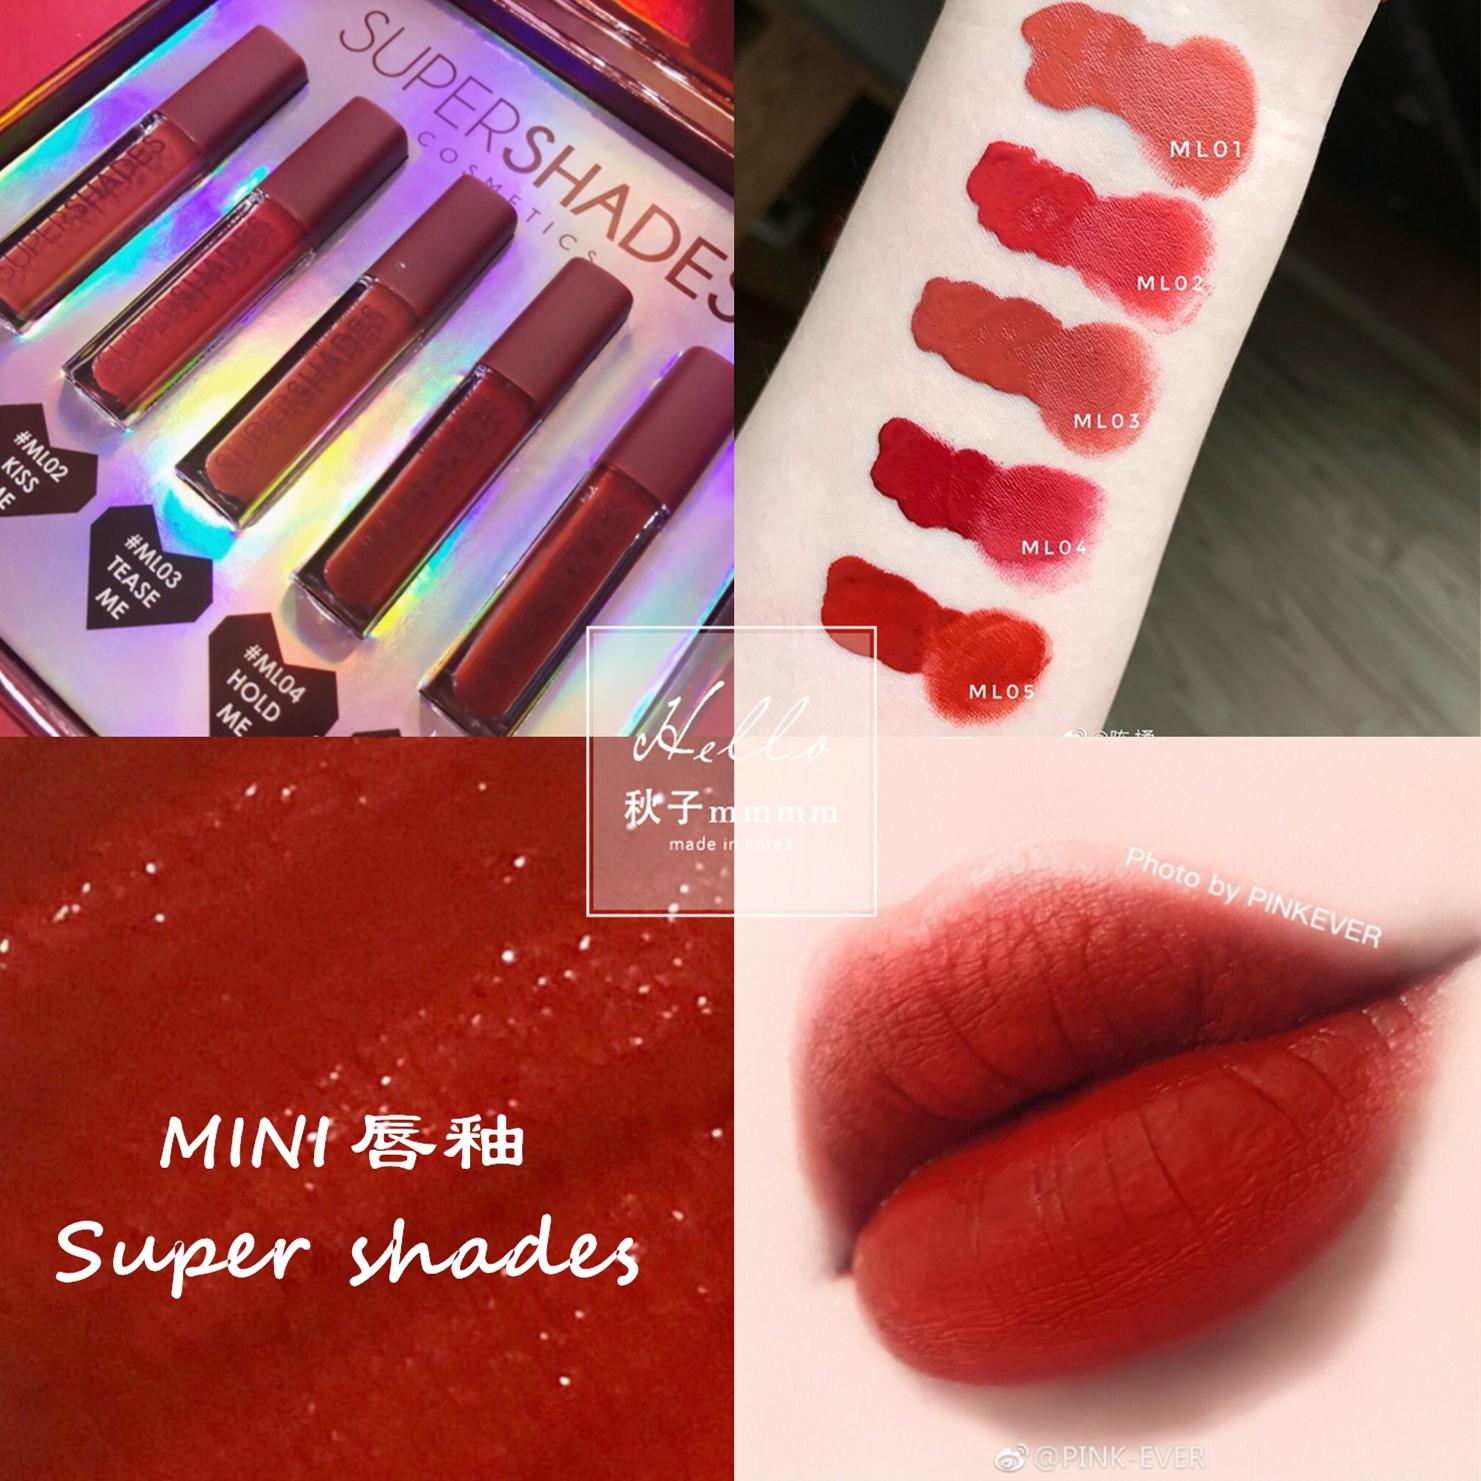 泰国supershades迷你mini哑光唇釉2ml便携口红ss陈橘大番茄红ML05